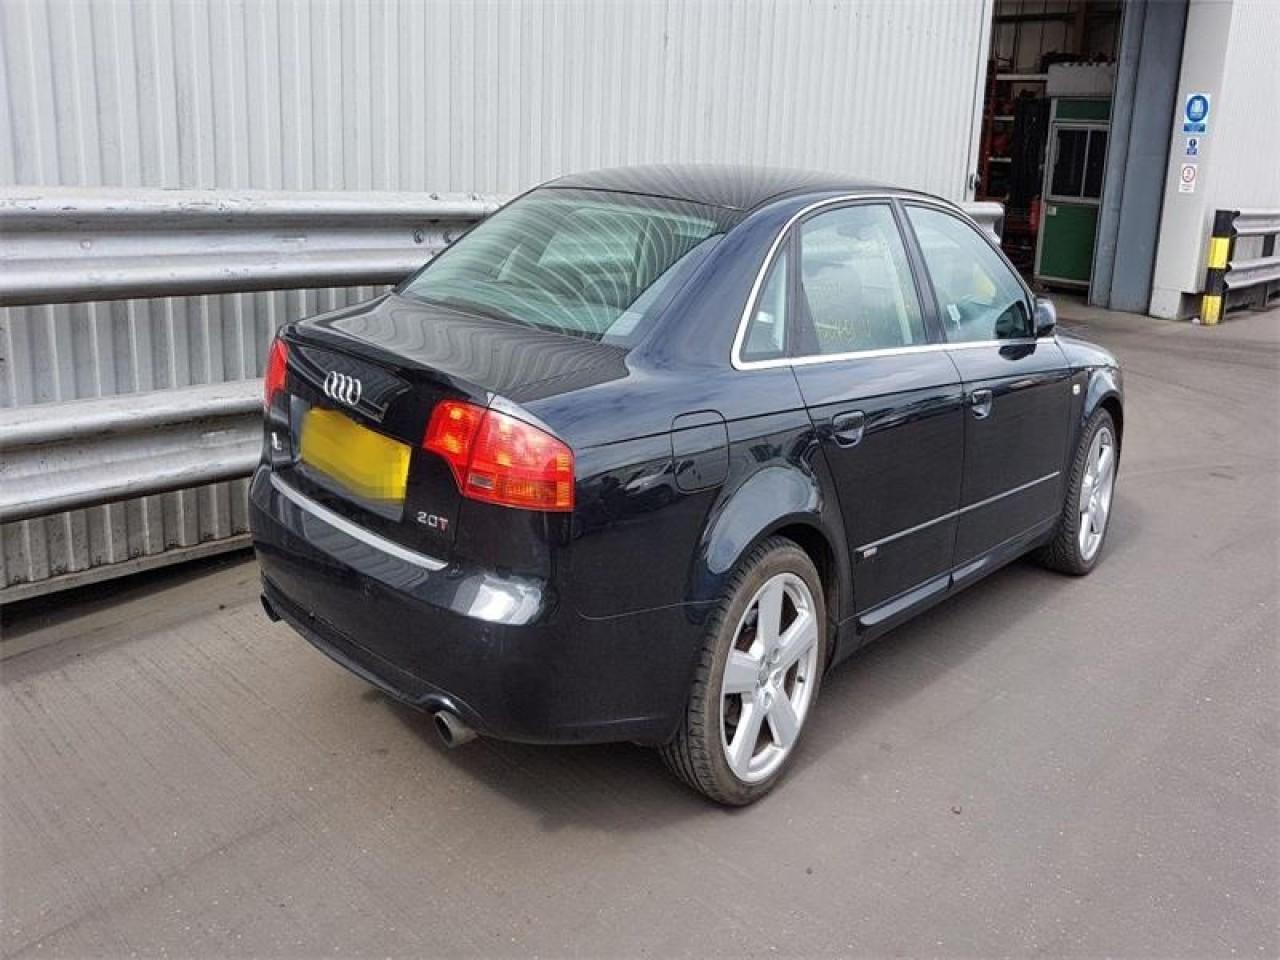 Aripa dreapta fata Audi A4 B7 2005 Sedan 2.0 TFSi